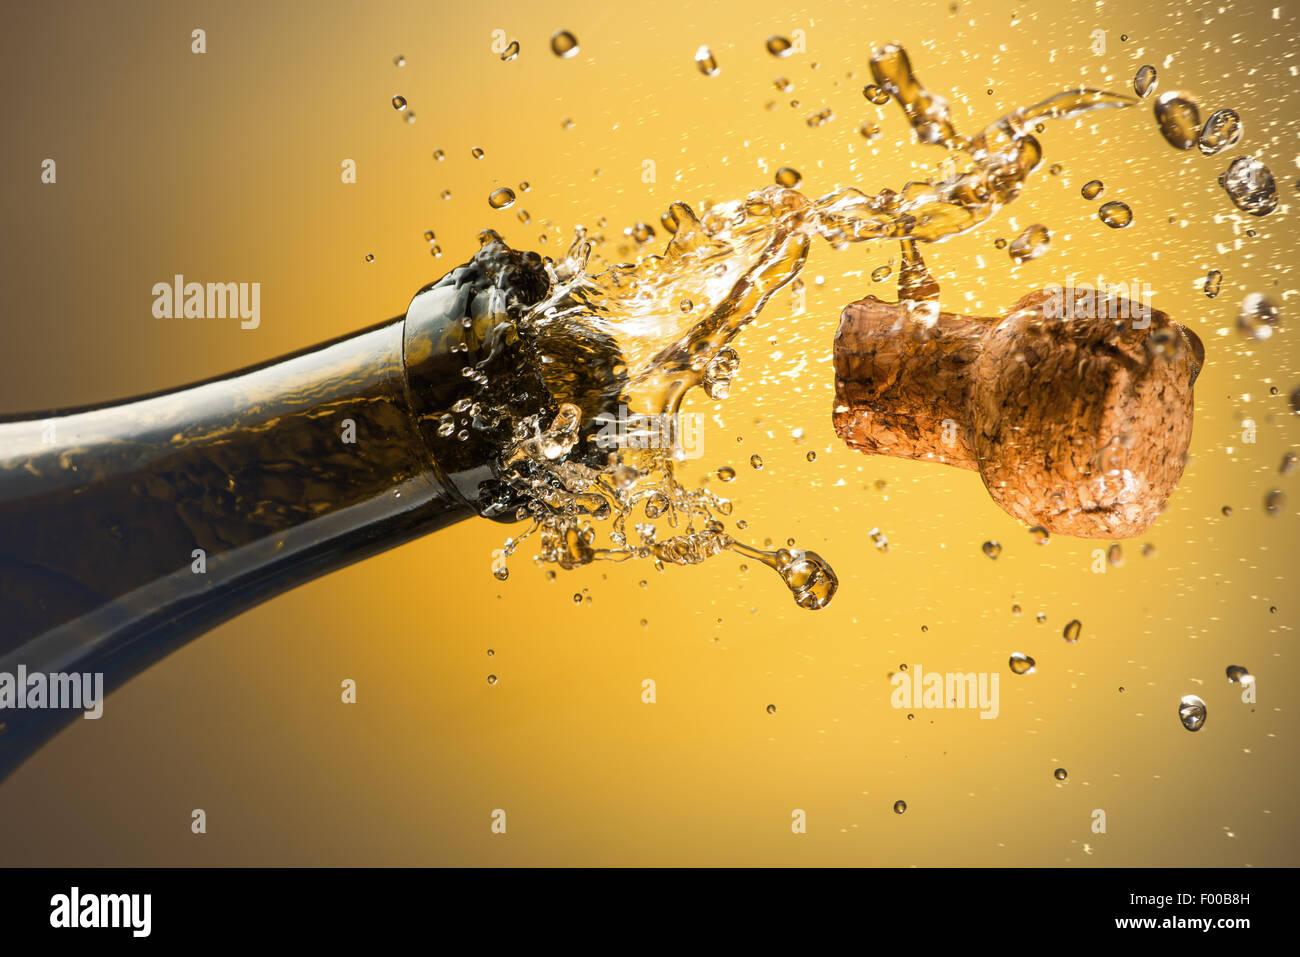 Apertura di una bottiglia di champagne. Celebrazione del concetto. Immagini Stock